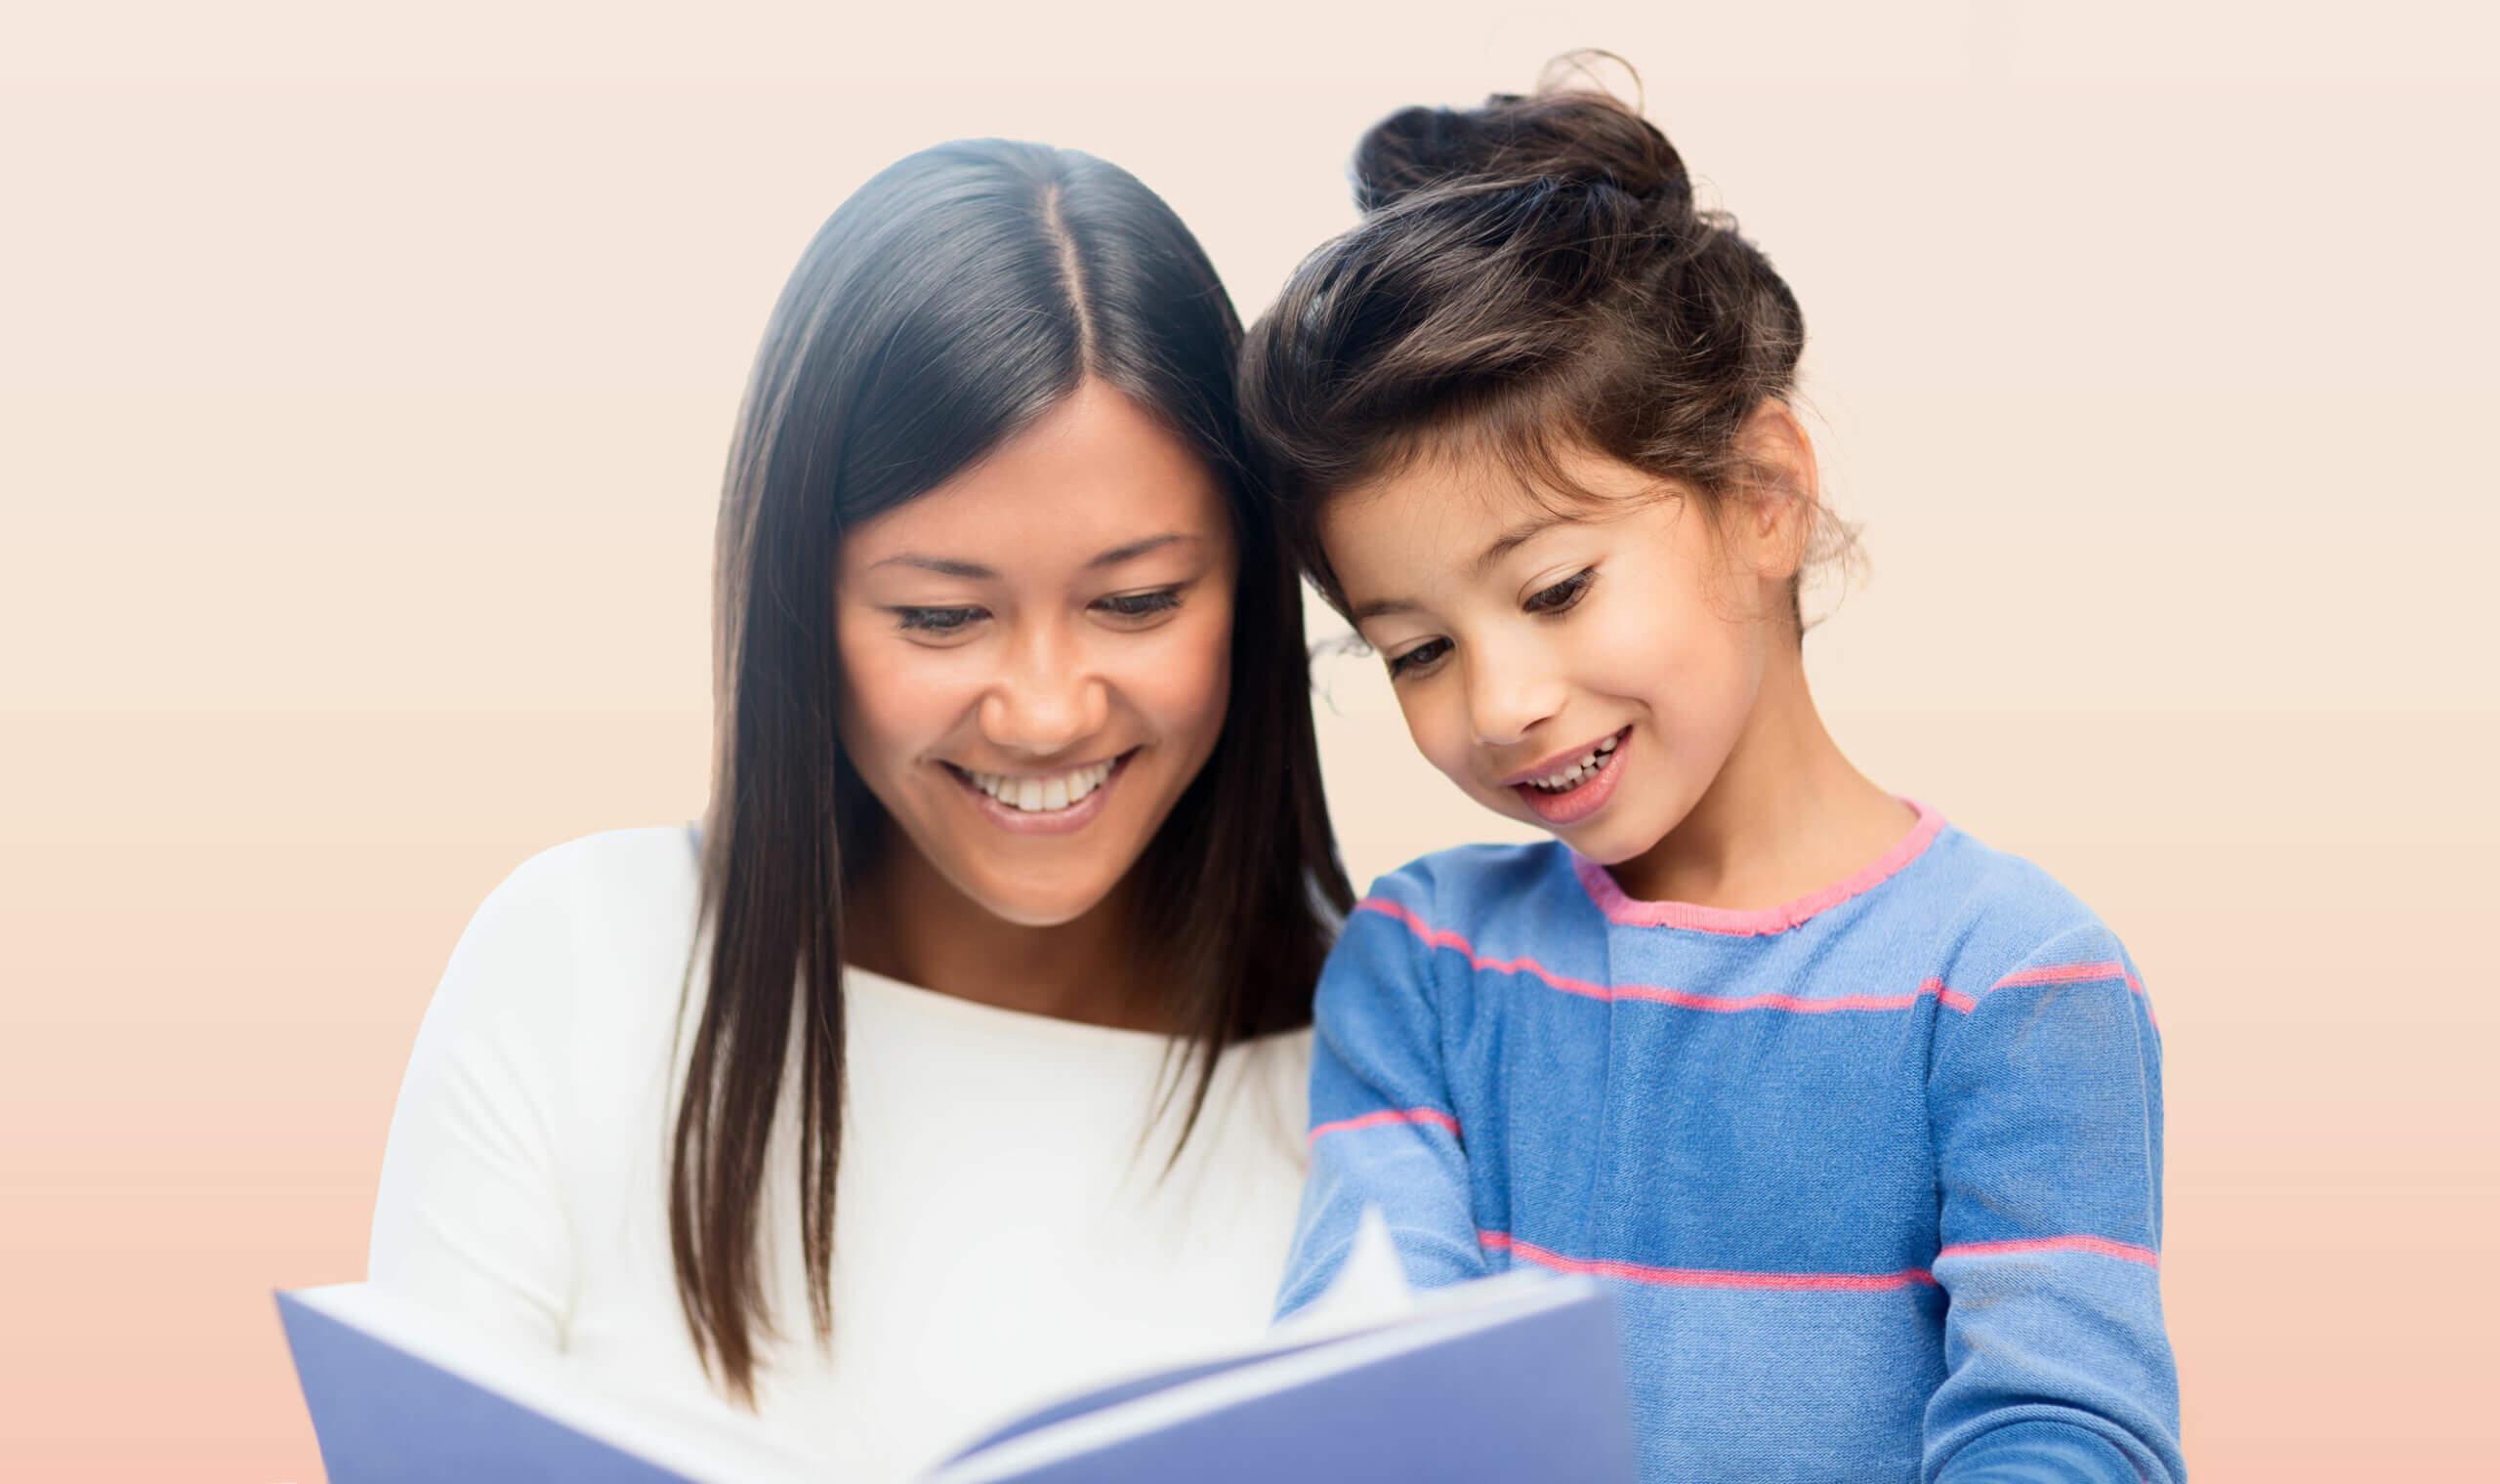 Mamá leyéndole un cuento a su hija.